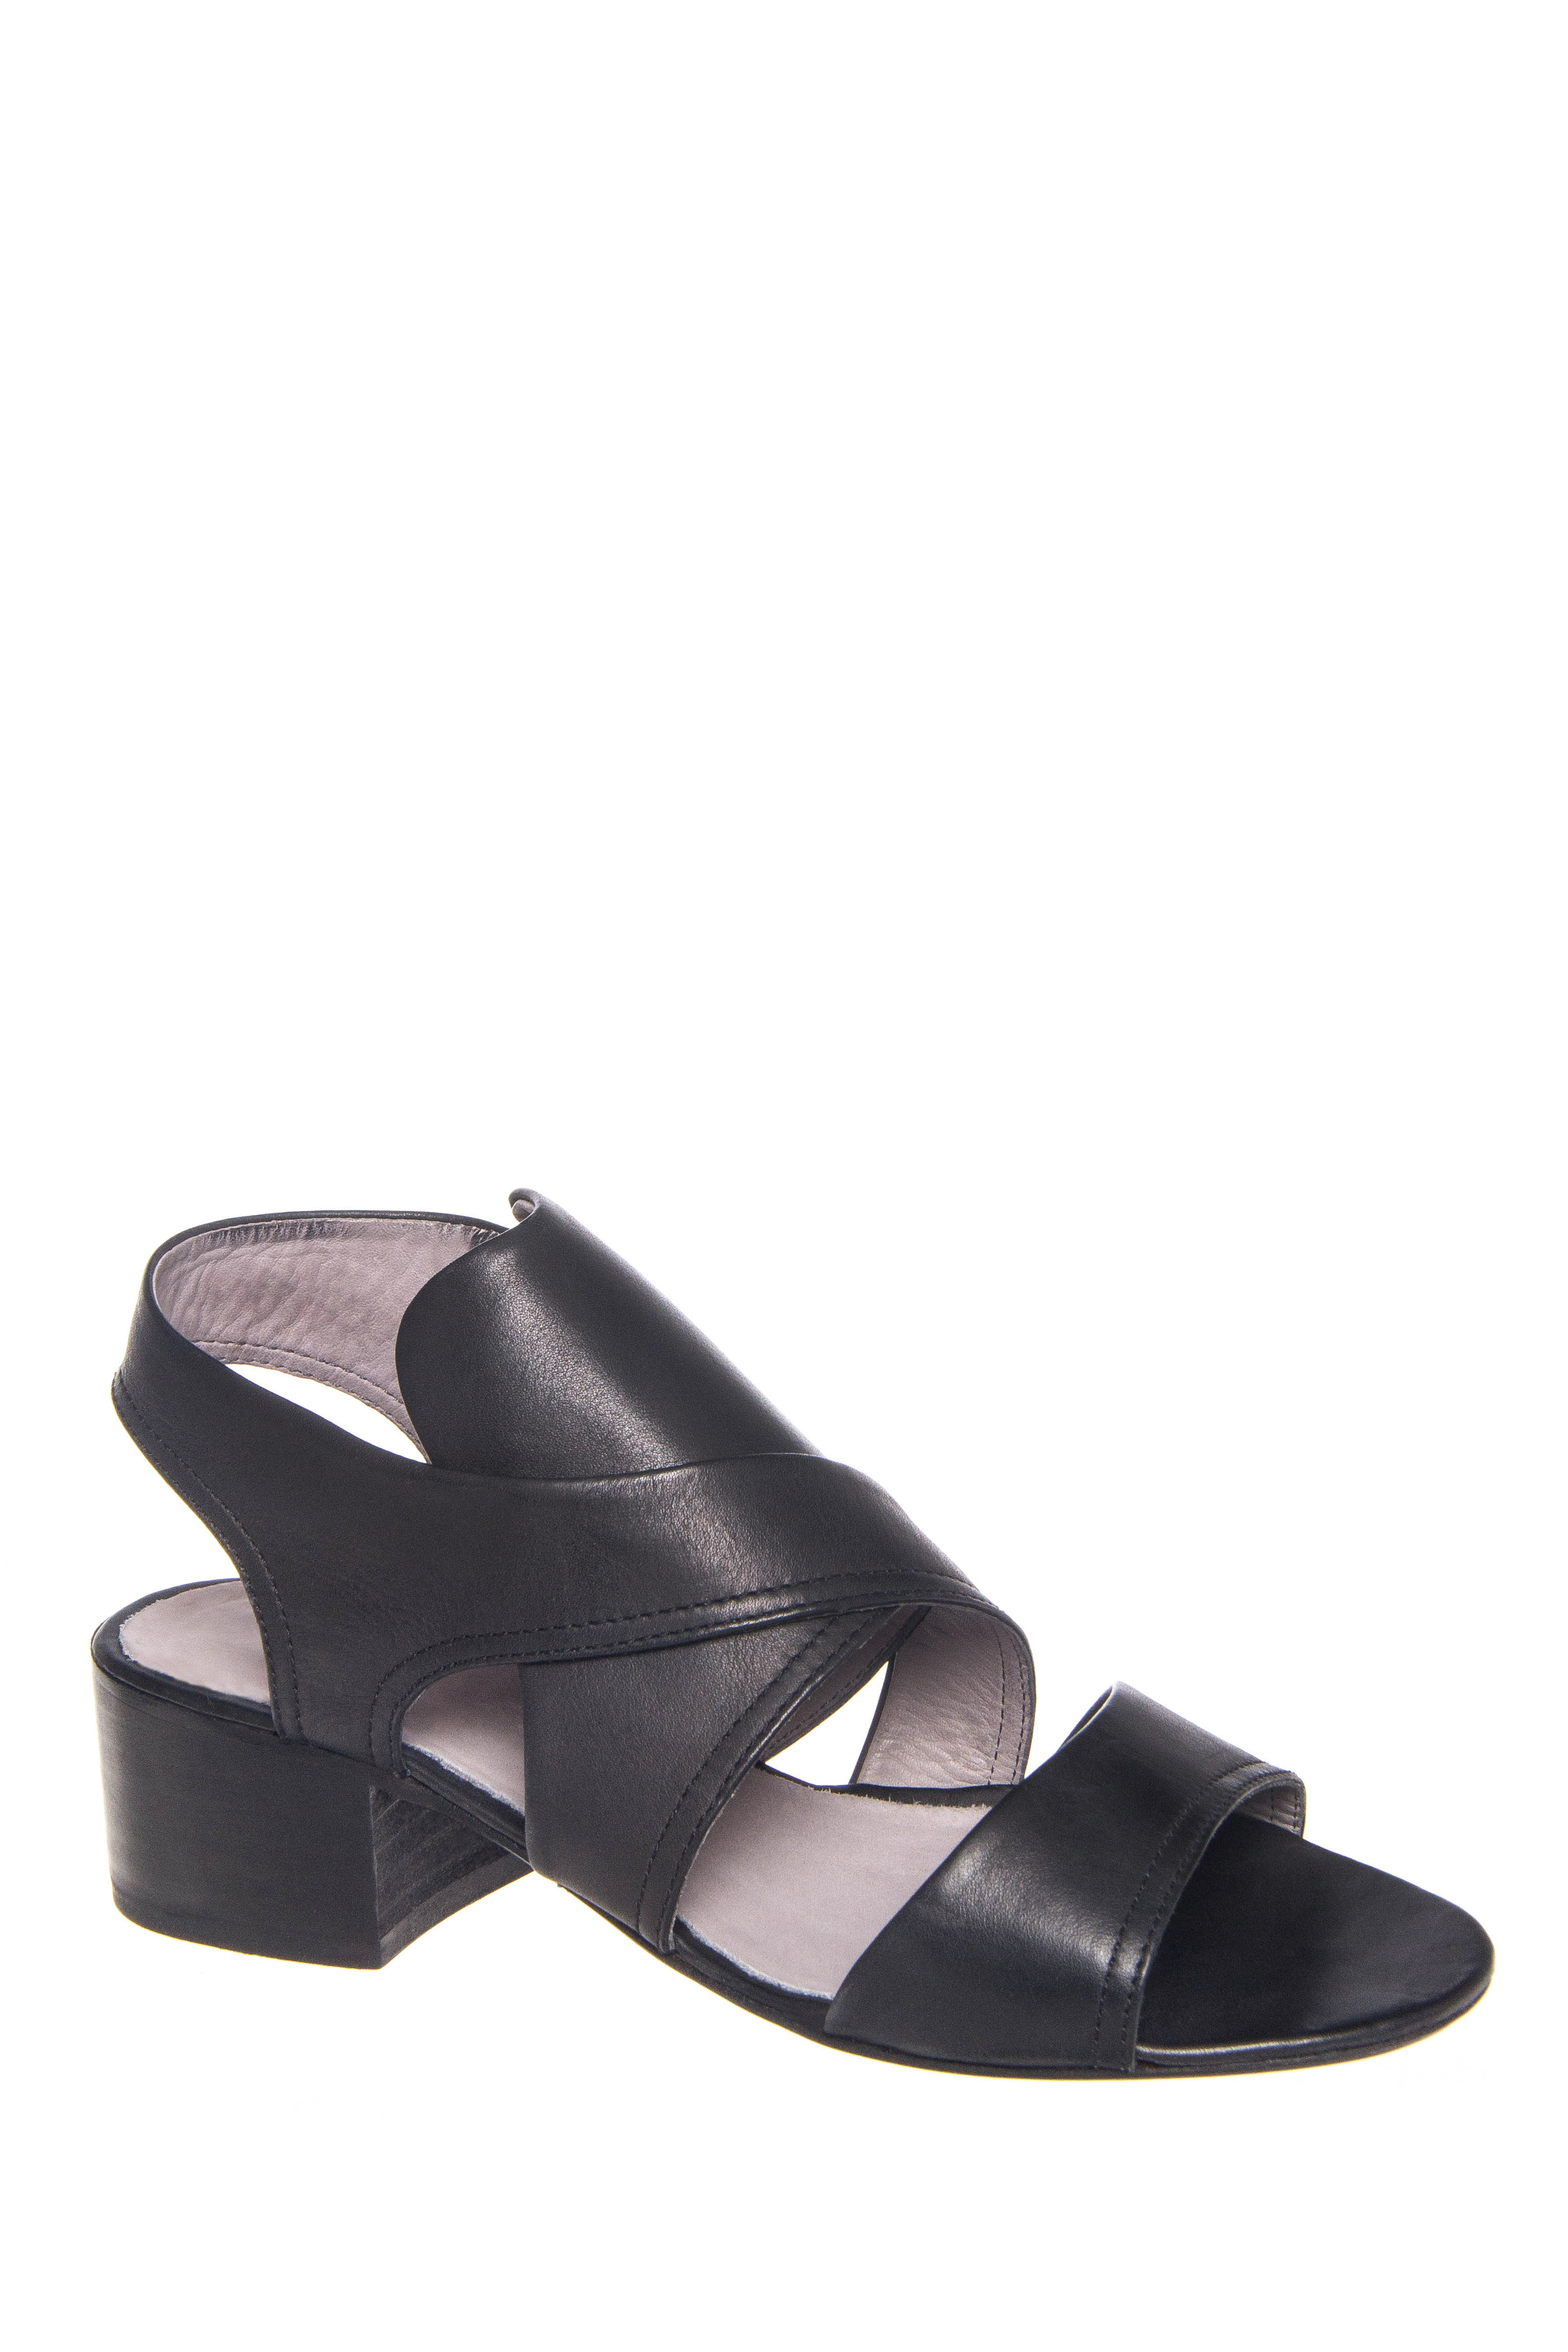 H By Hudson Ayasha Mid Heel Sandals - Black